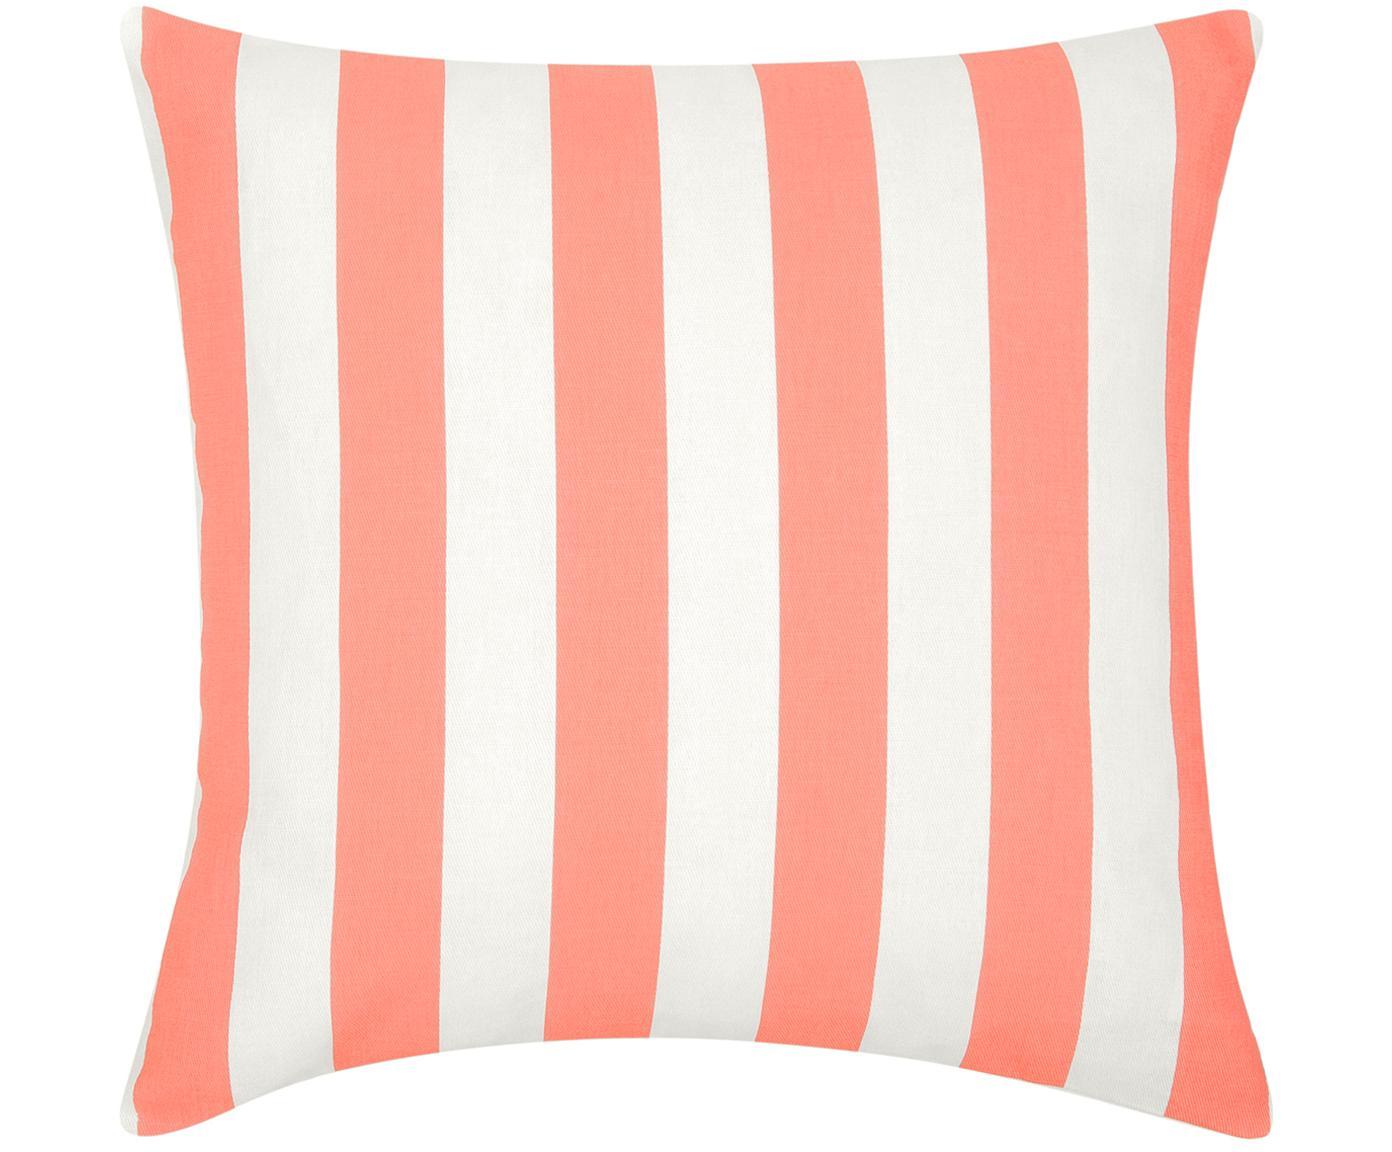 Federa arredo a righe in corallo/bianco Timon, Cotone, Corallo, bianco, Larg. 45 x Lung. 45 cm